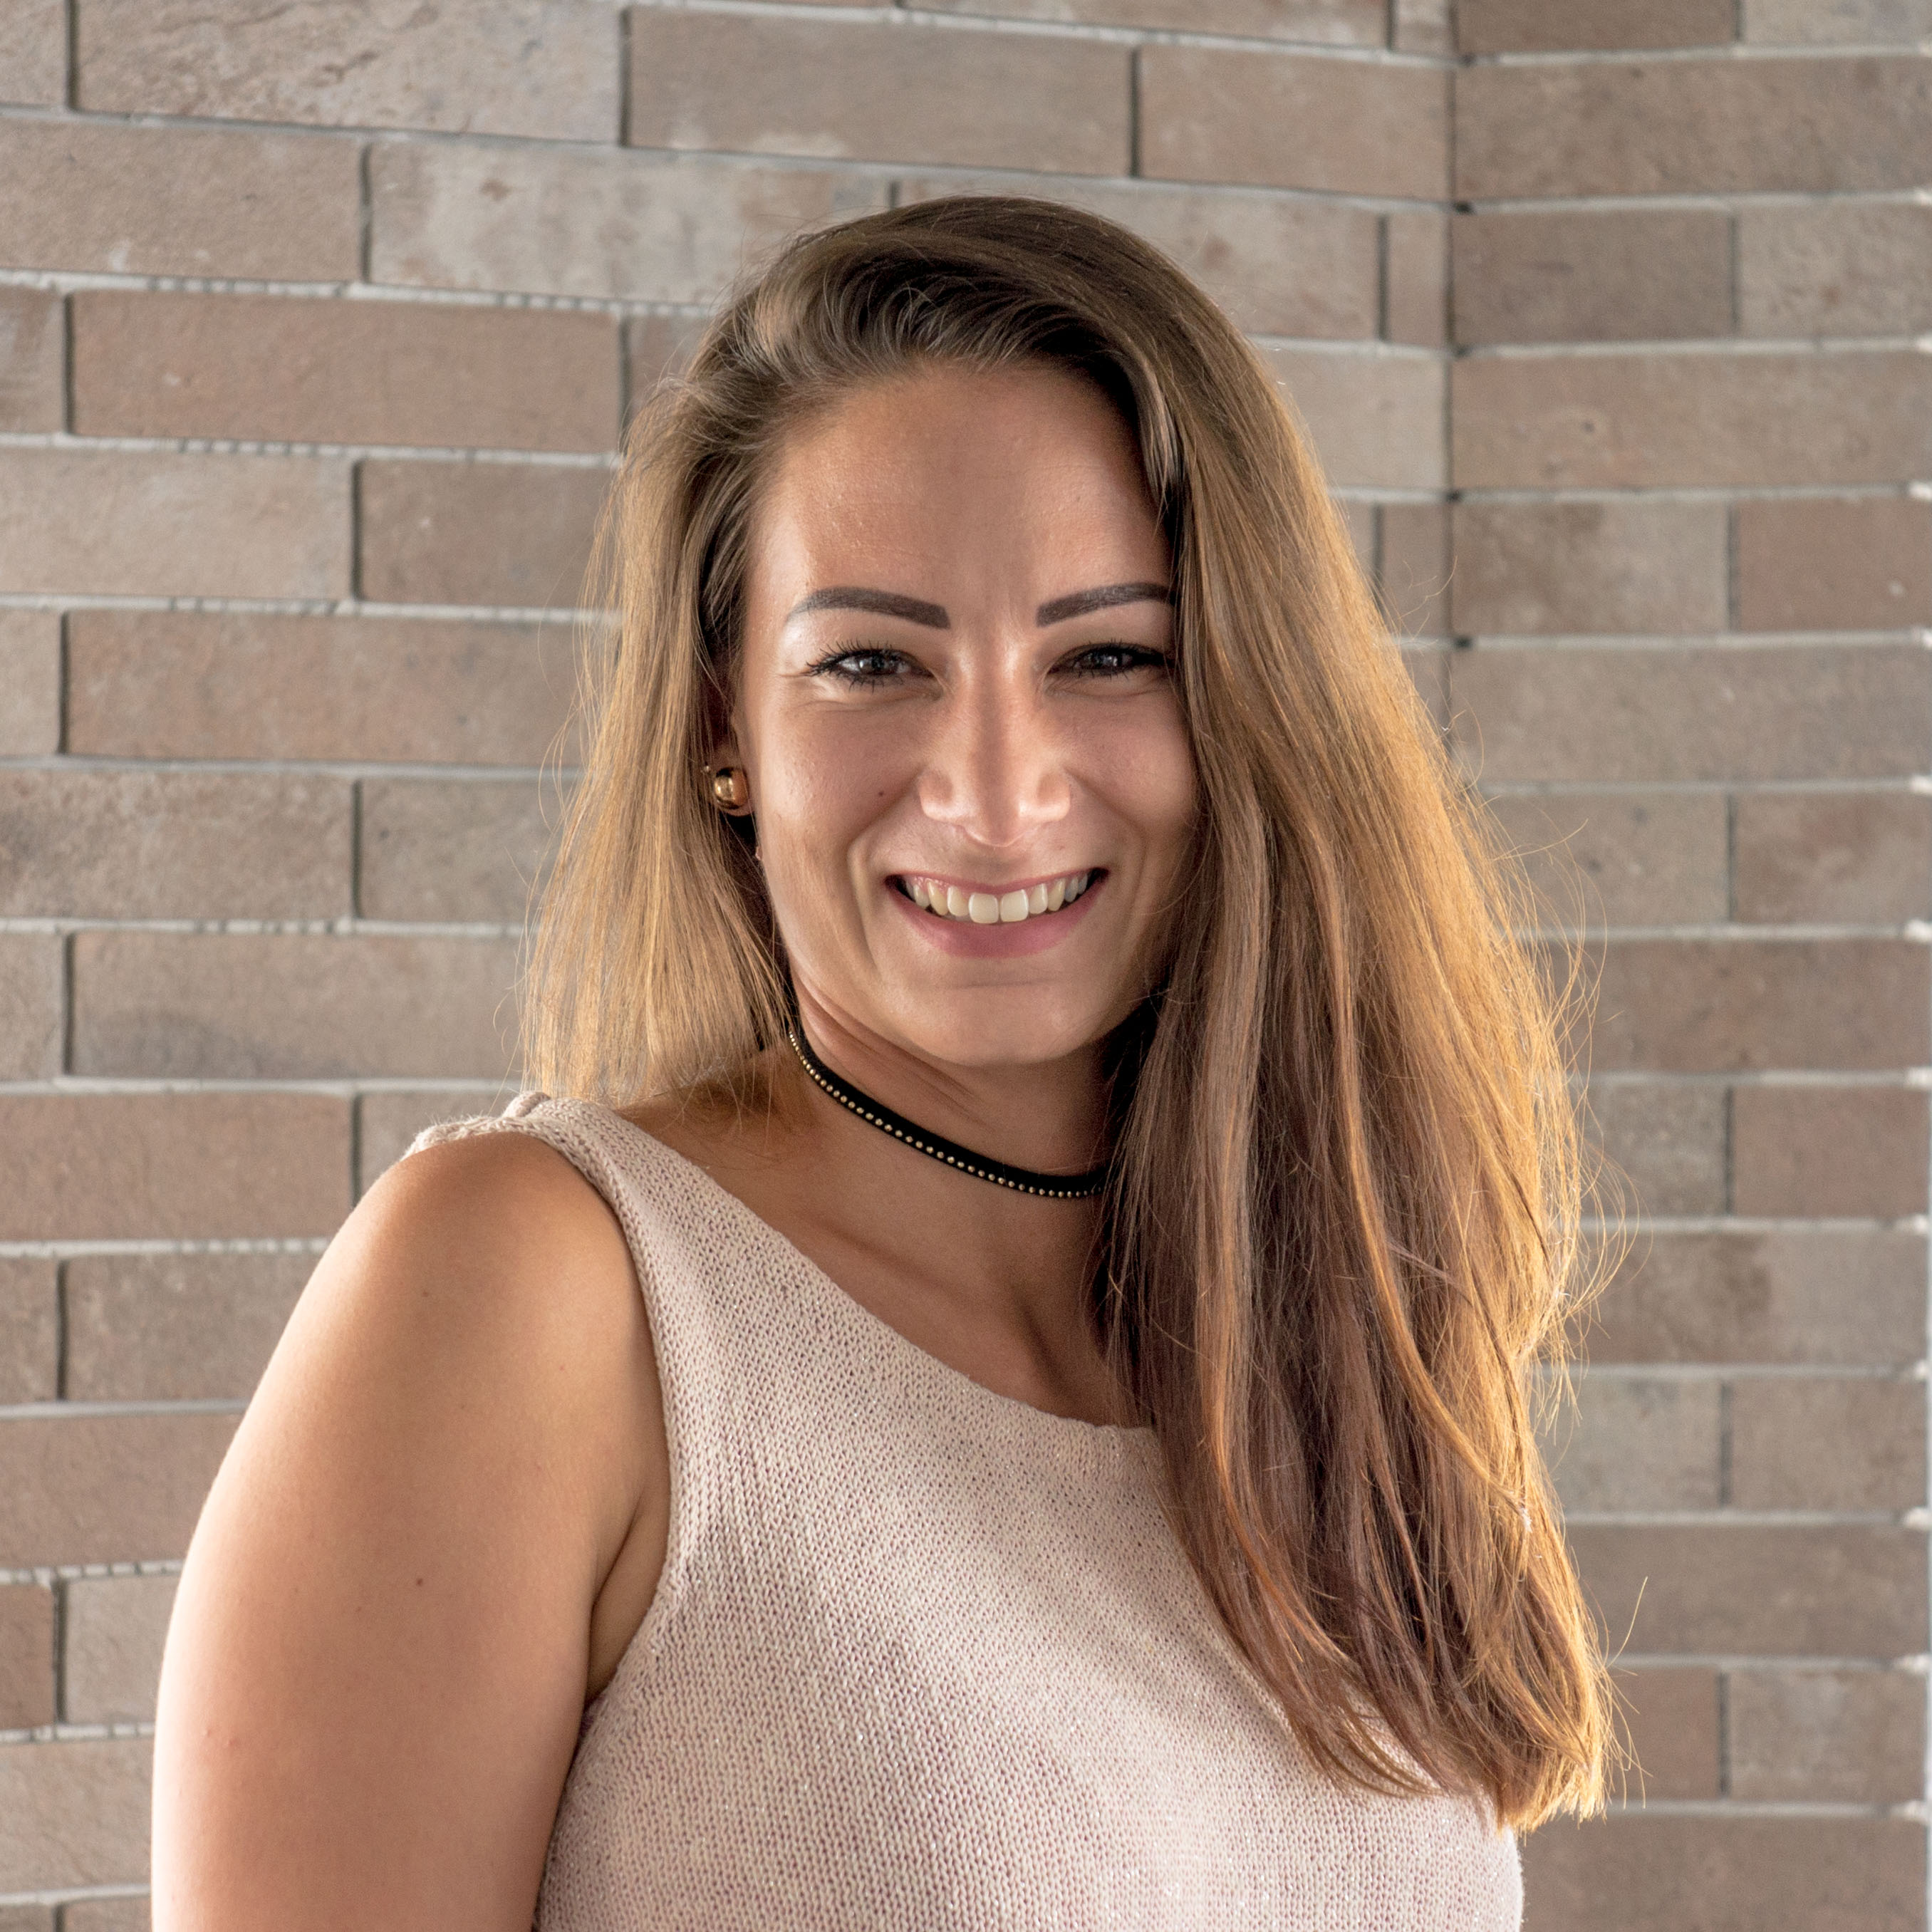 Dominika Curmi